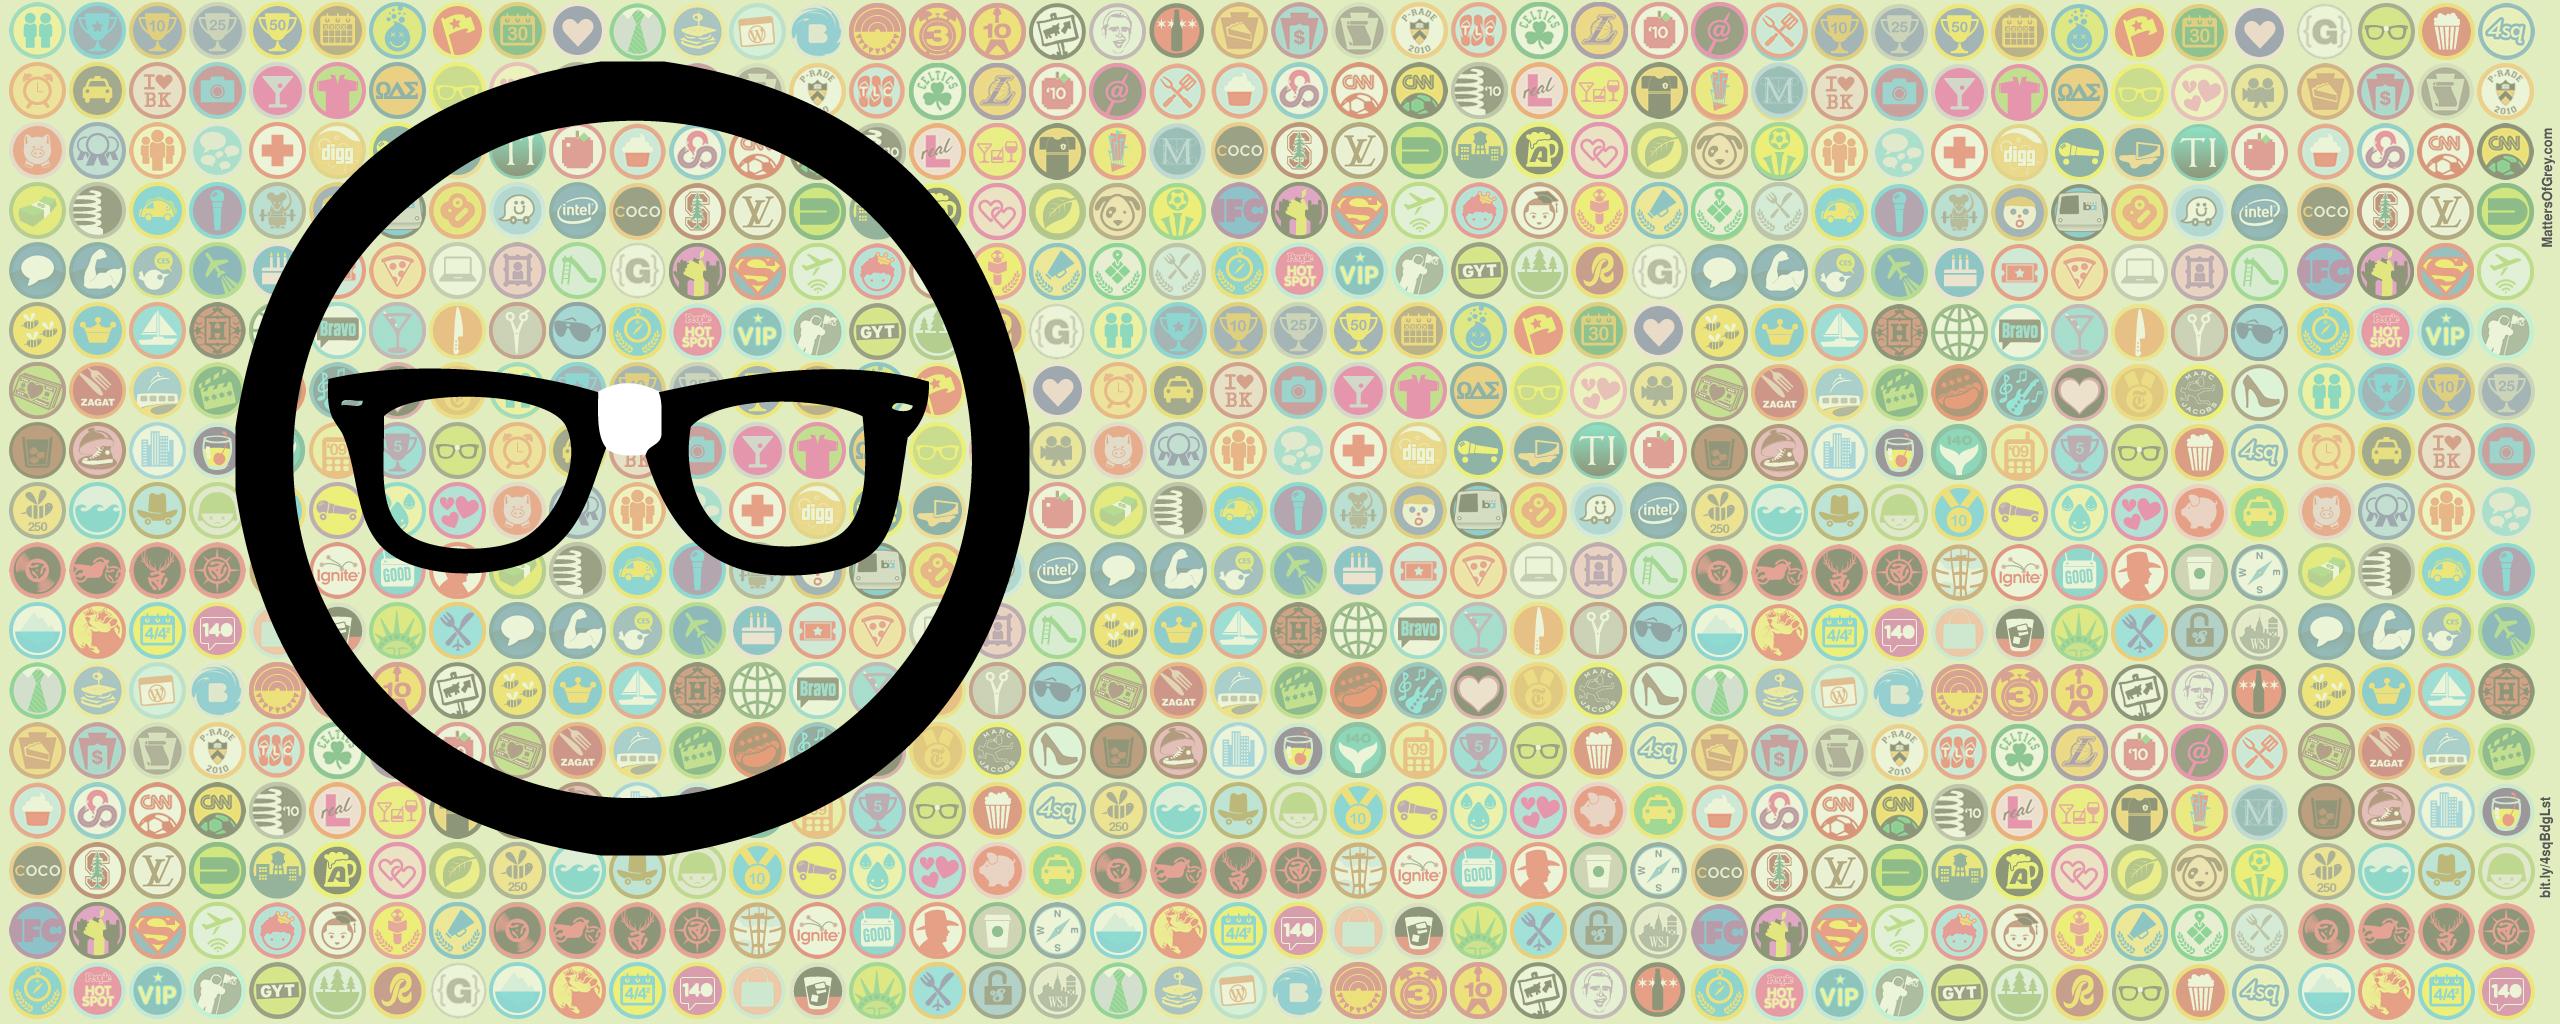 48 Nerd Wallpapers For Desktop On Wallpapersafari